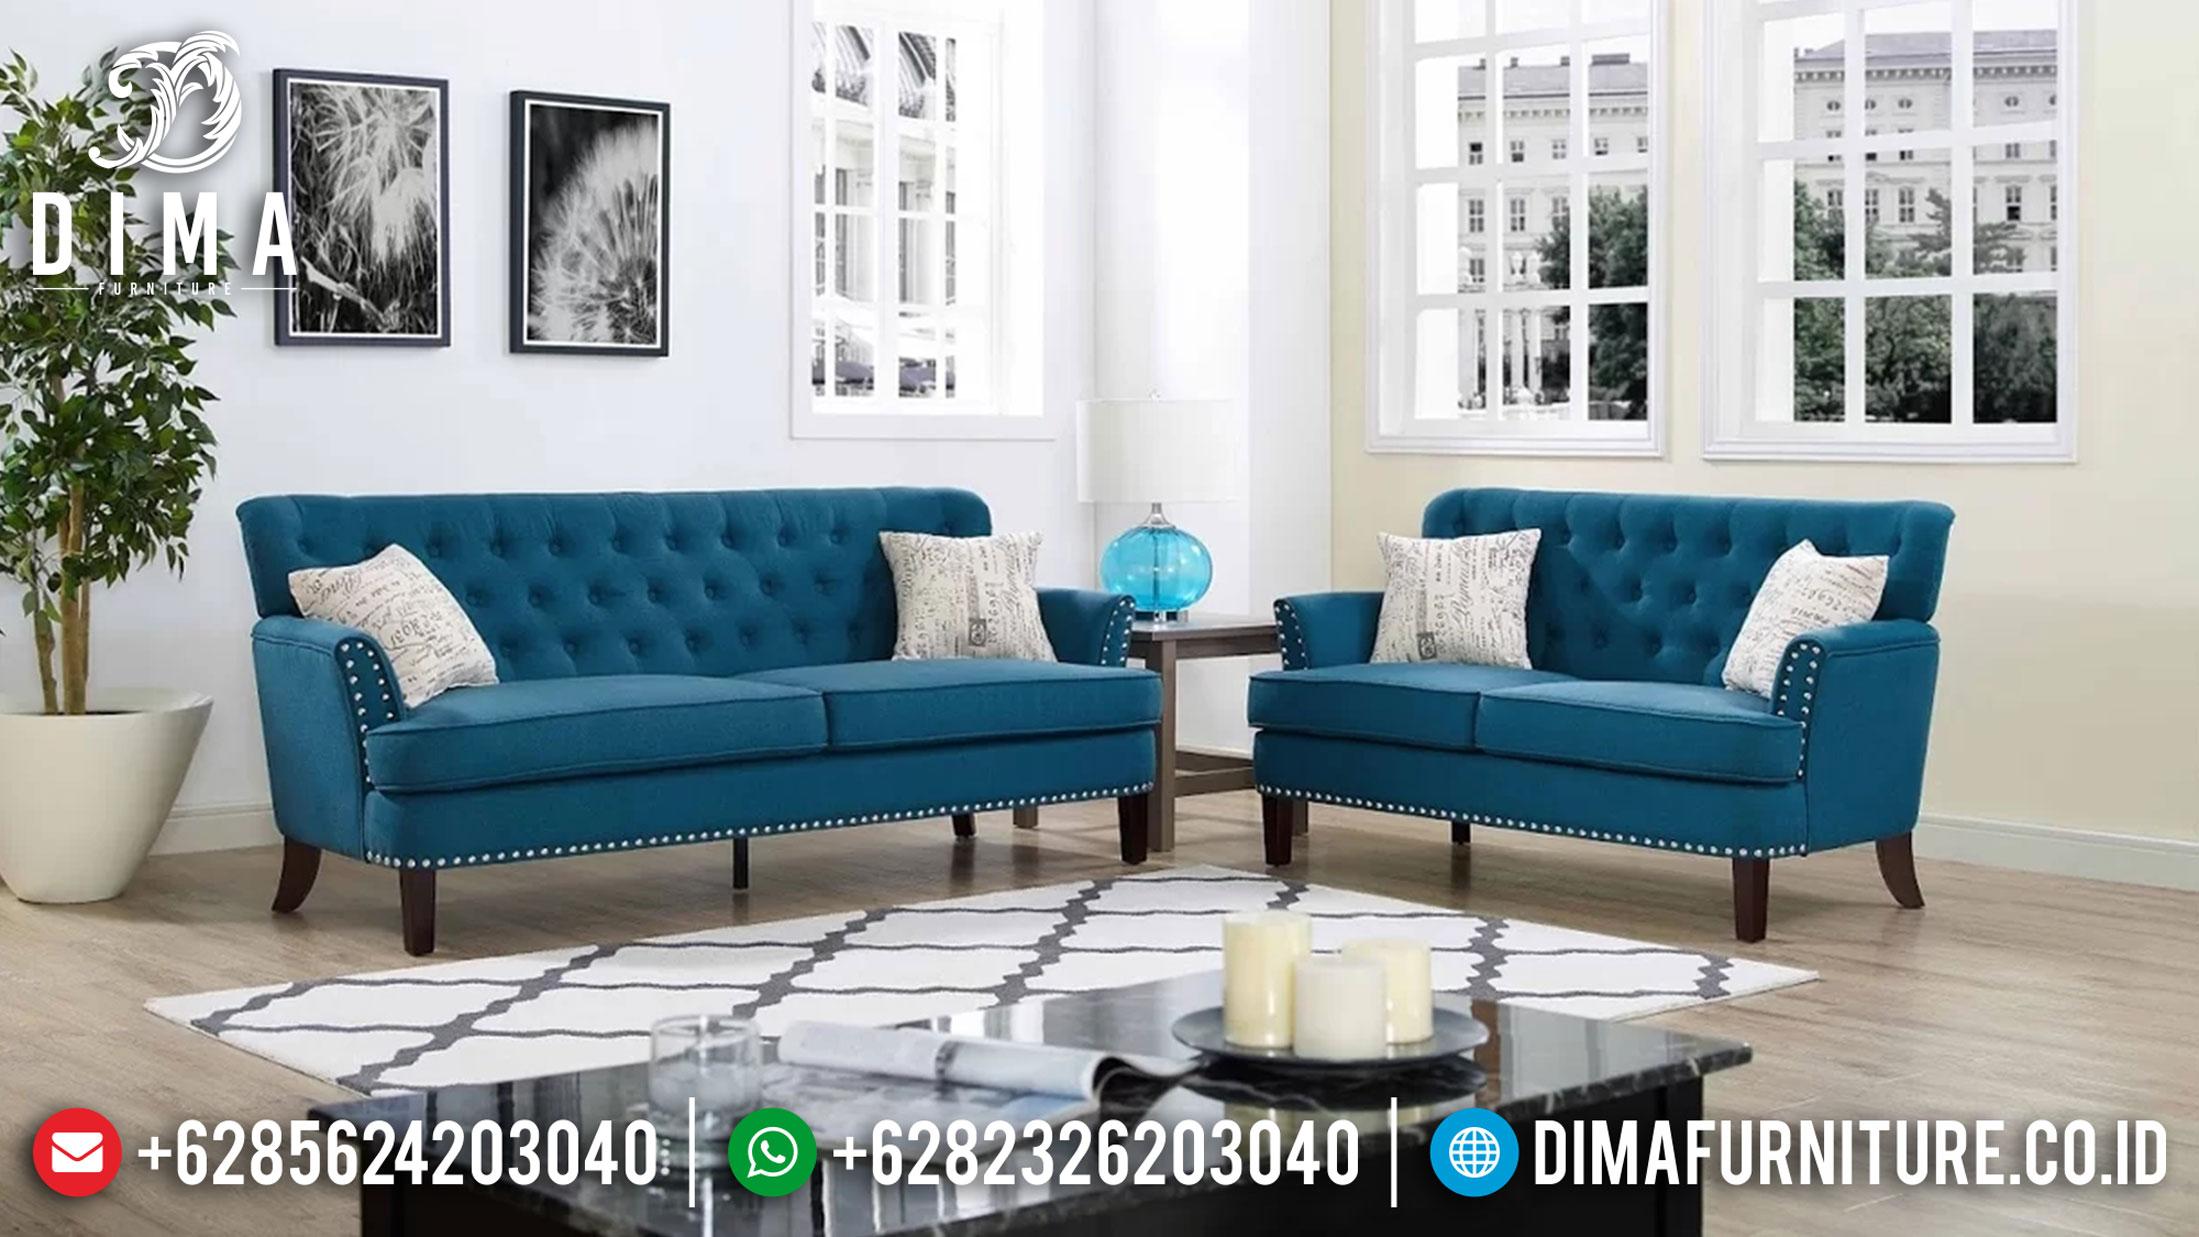 Sofa Tamu Minimalis Set 3 2 Meja Tamu New Best Furniture Jepara Product TTJ-1217